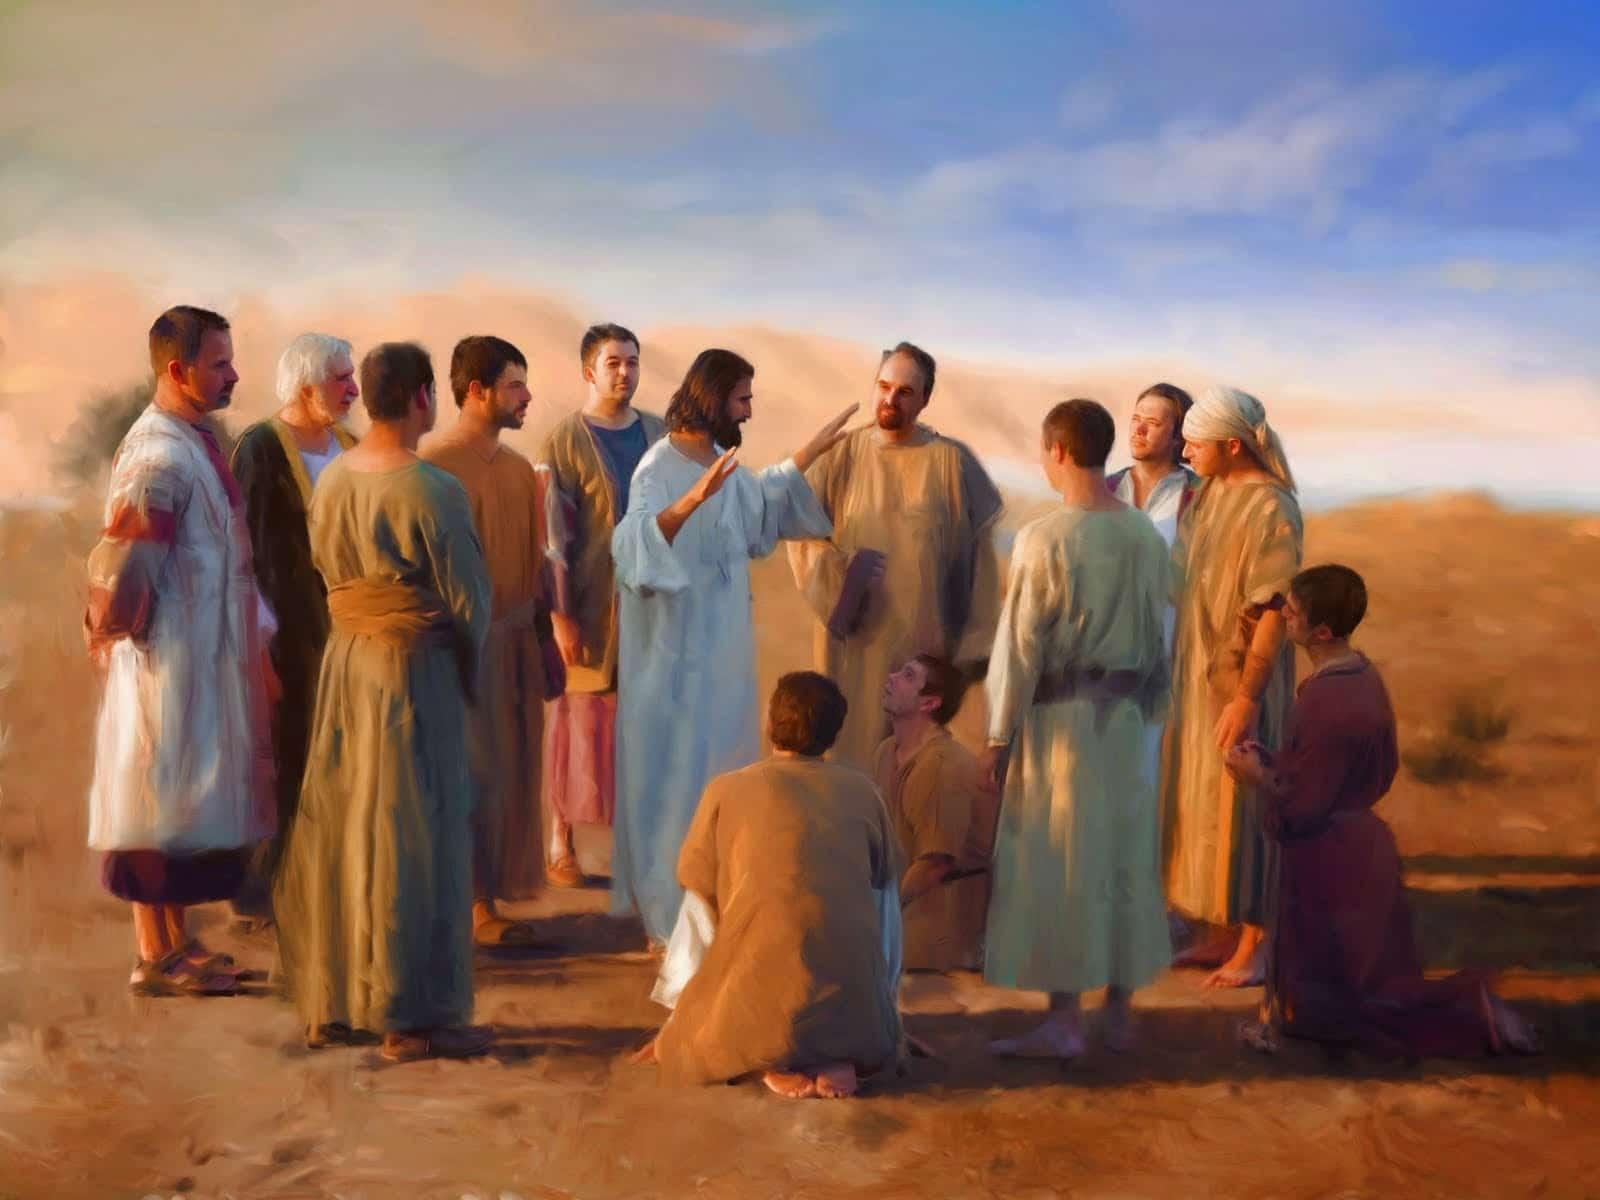 ¿Cómo interpretar correctamente las palabras de Jesús?